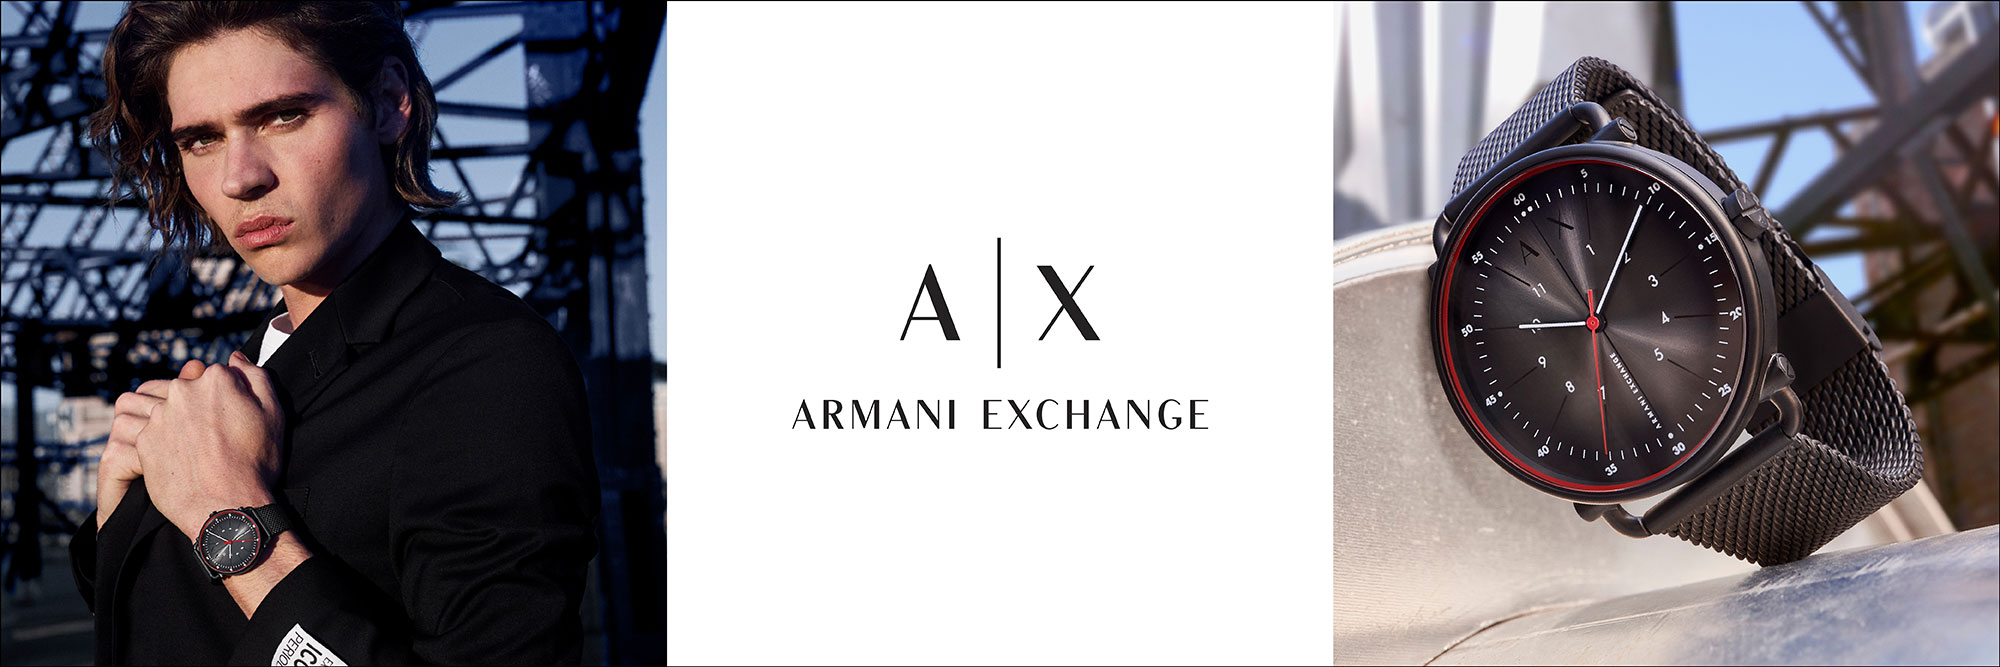 ax_ls_cw_3x1